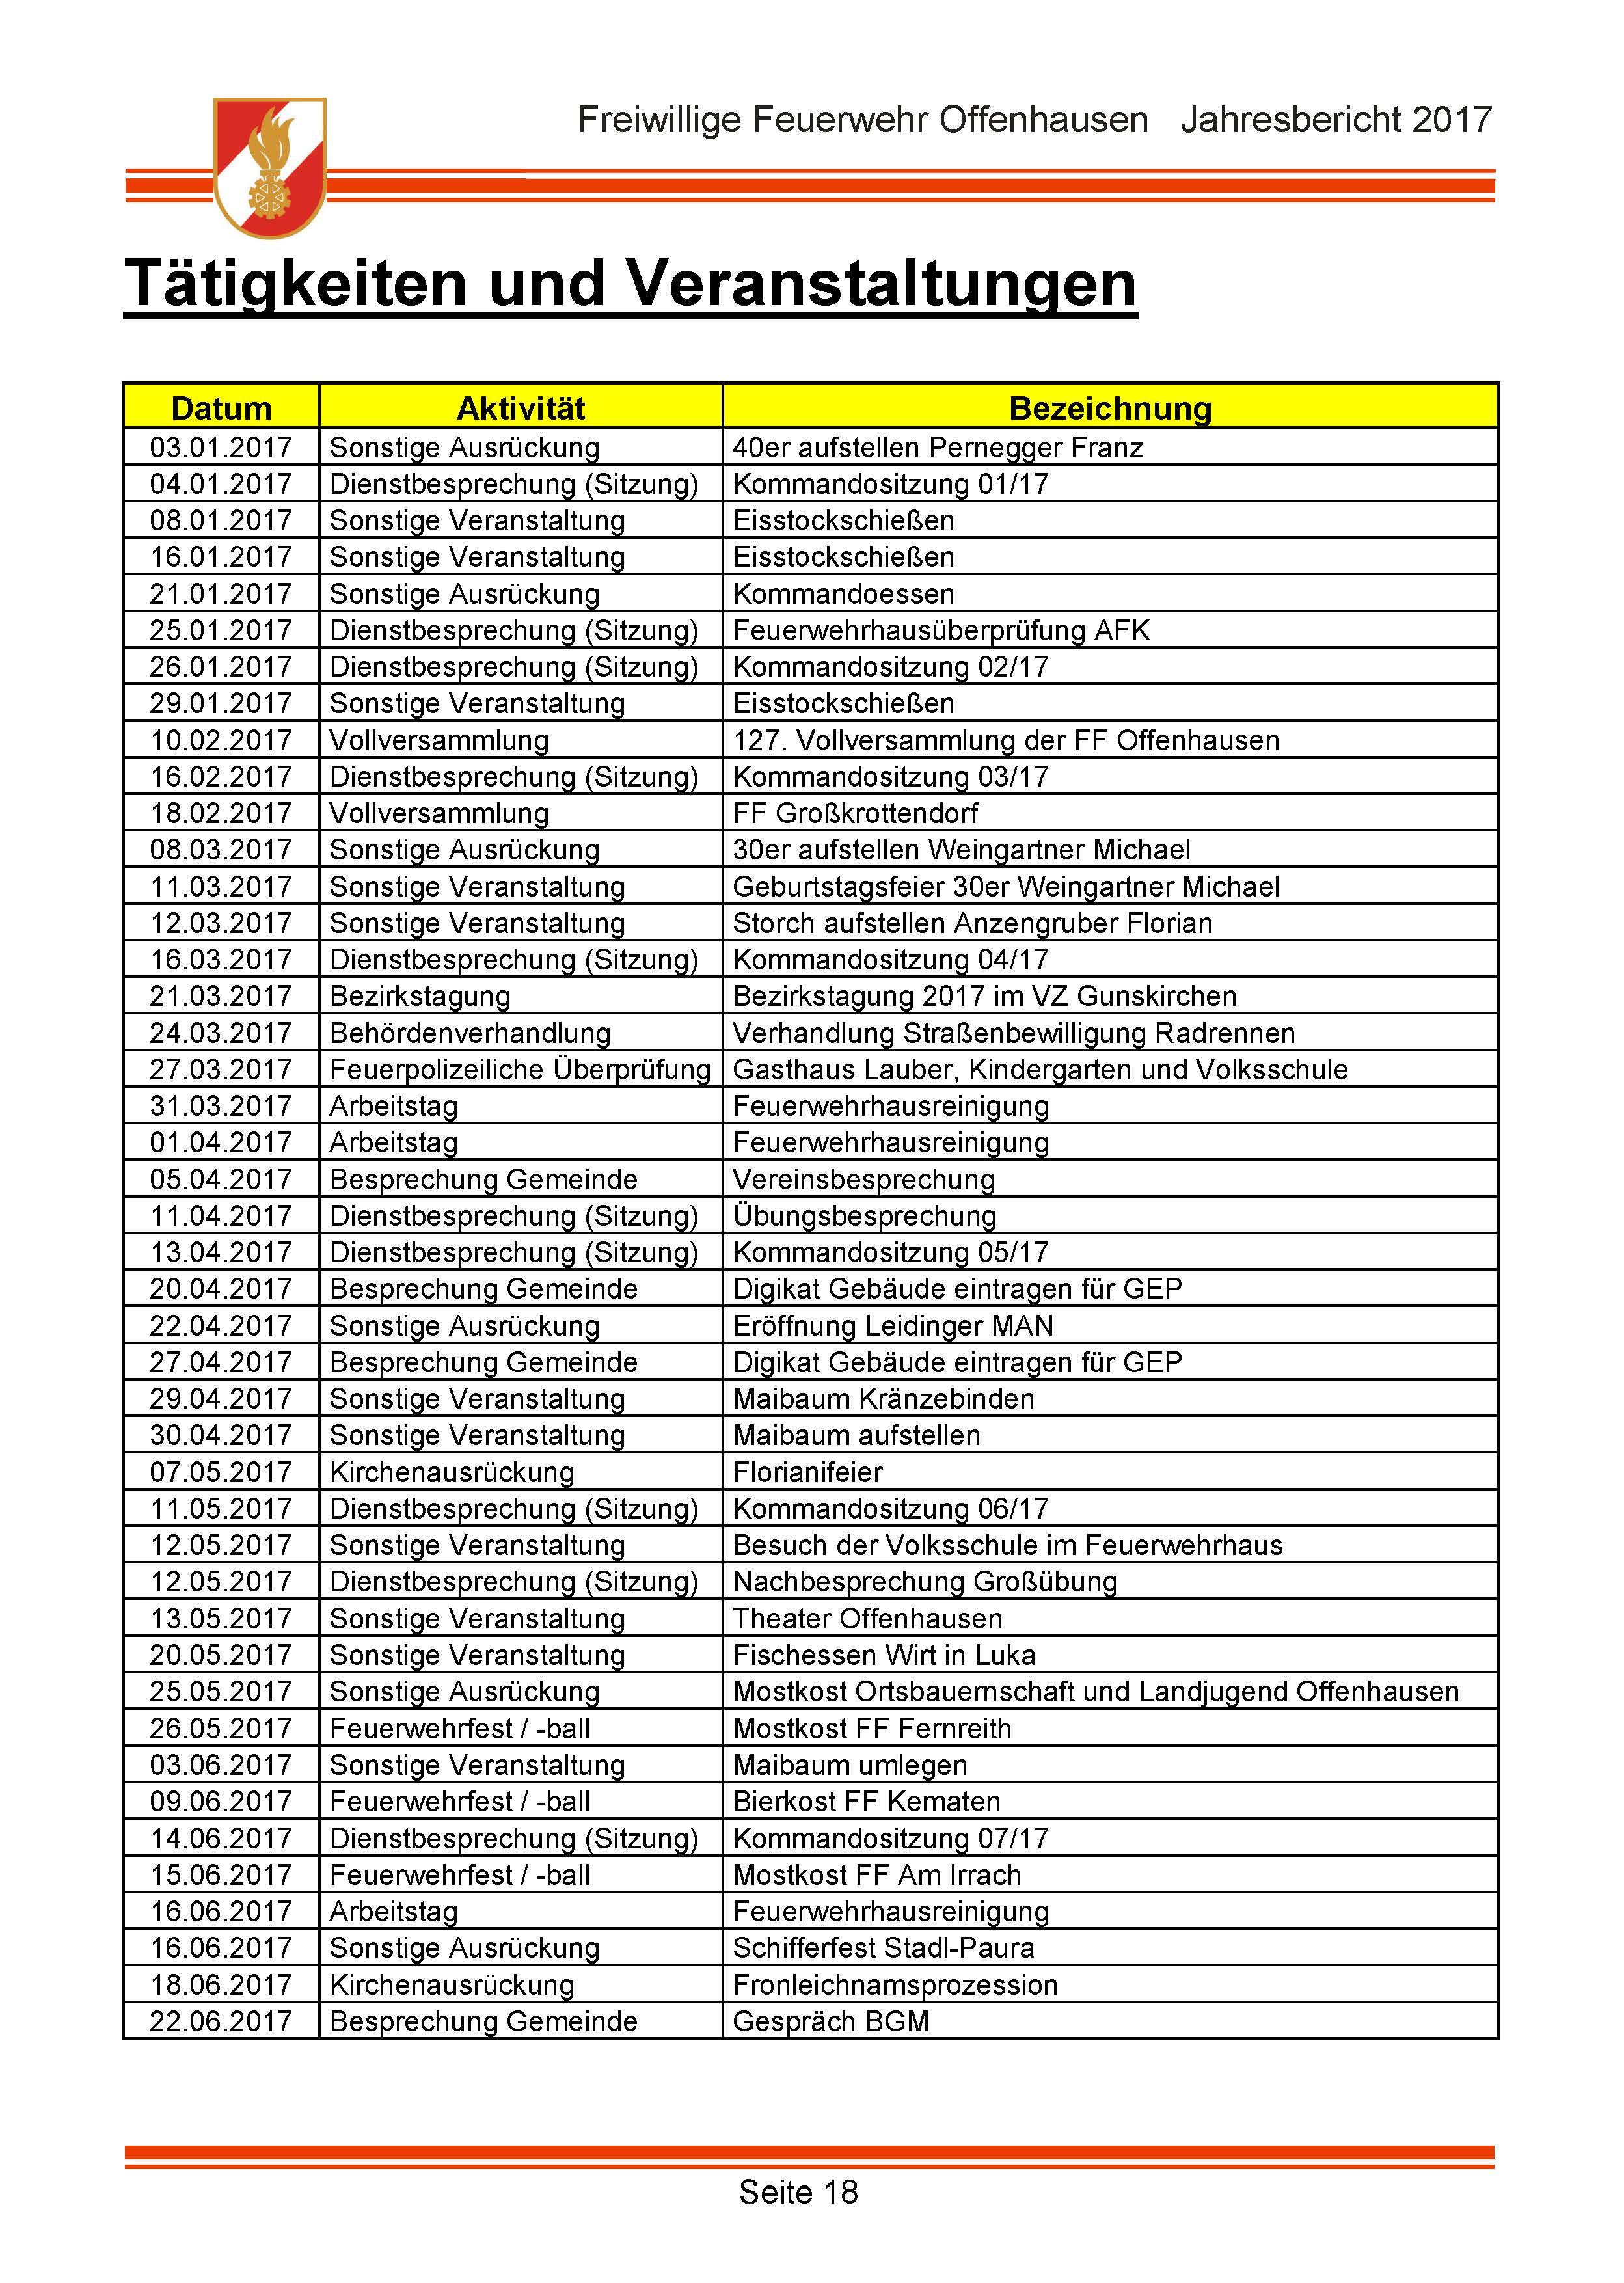 Jahresbericht Aktiv 2017_Seite_18.jpg